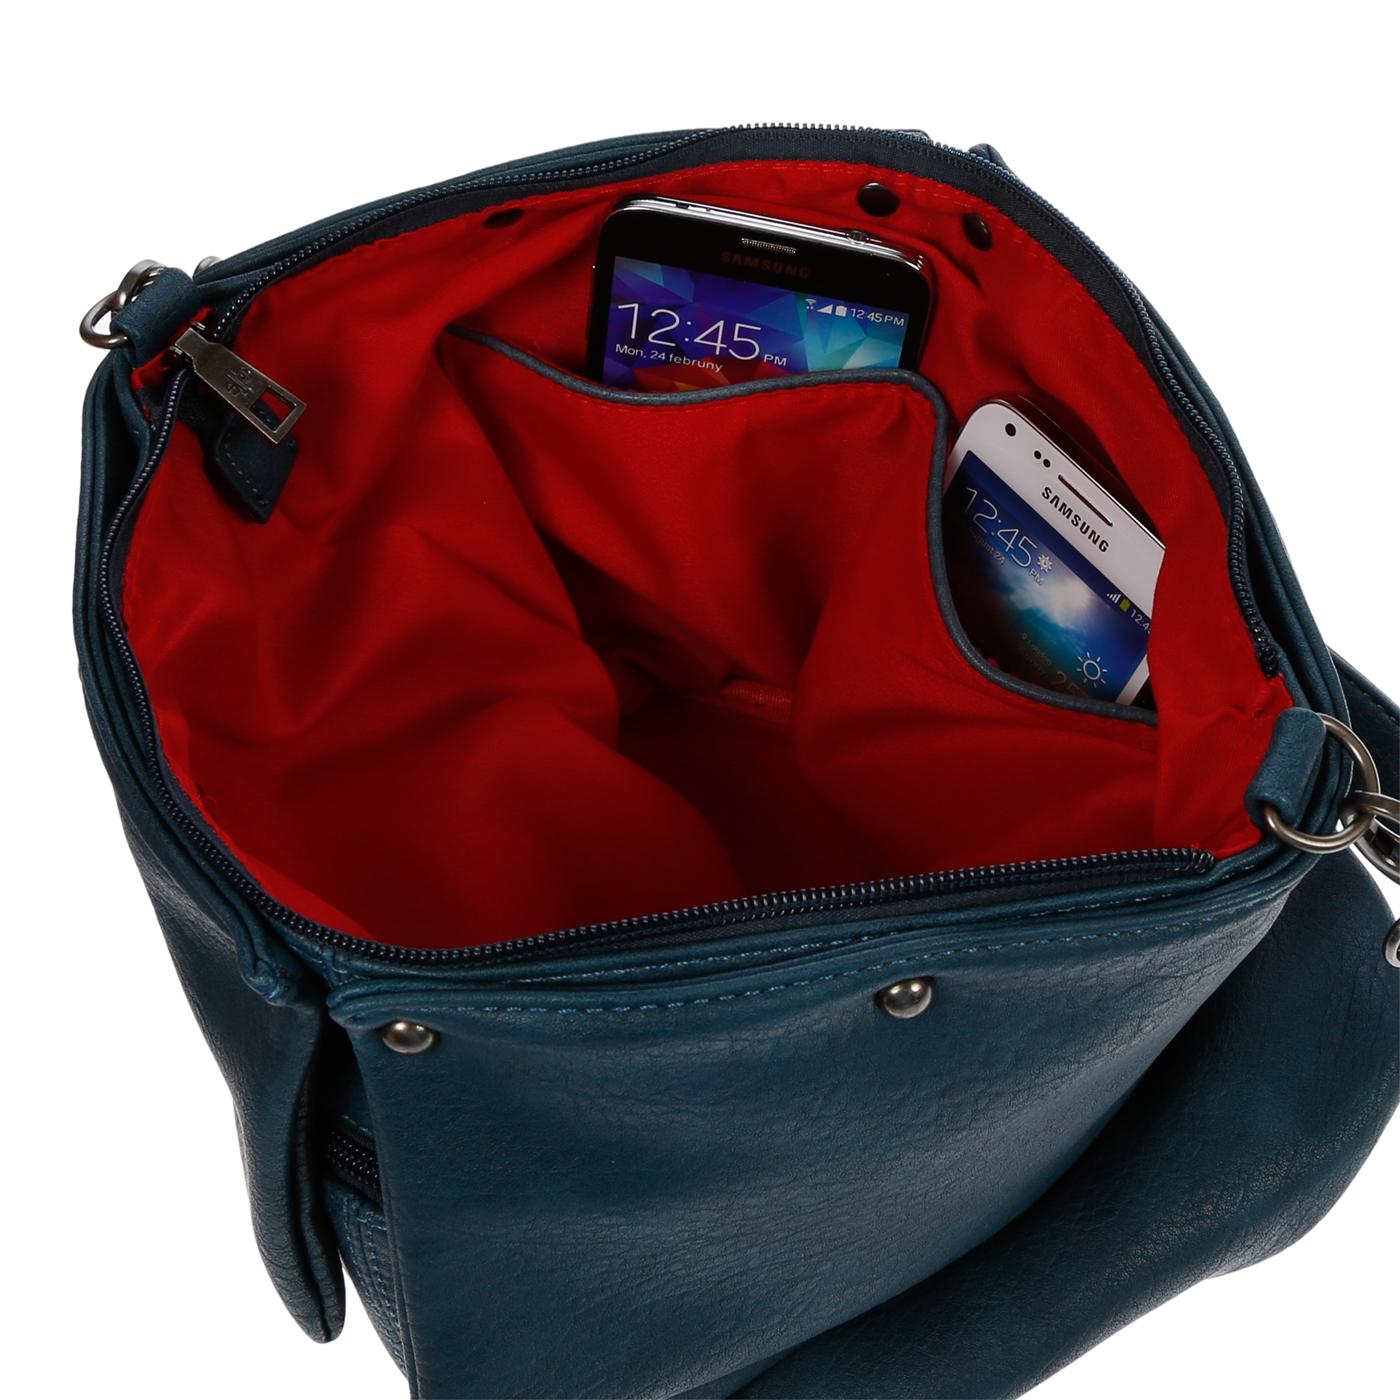 Damentasche-Umhaengetasche-Handtasche-Schultertasche-Leder-Optik-Tasche-Schwarz Indexbild 16